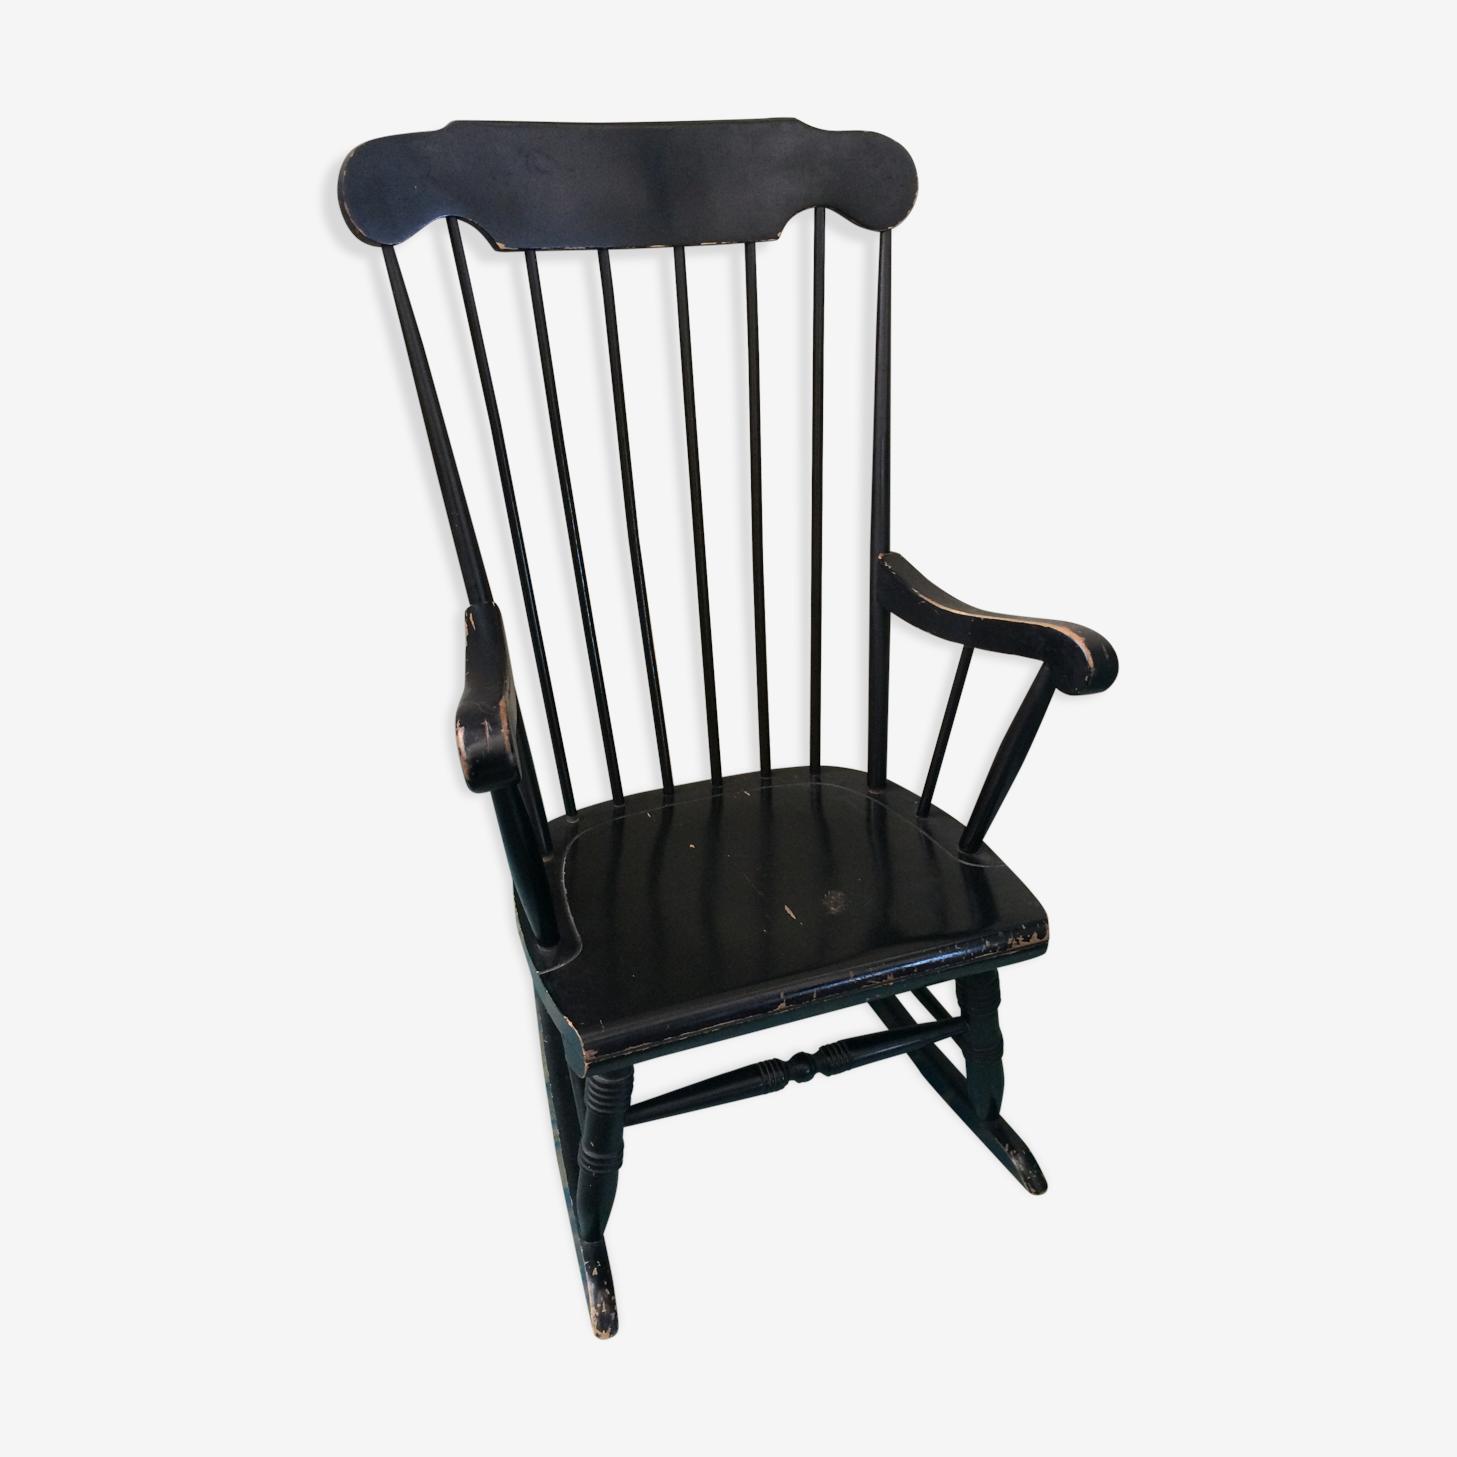 Rocking chair en bois, peint en noir, vintage 1970